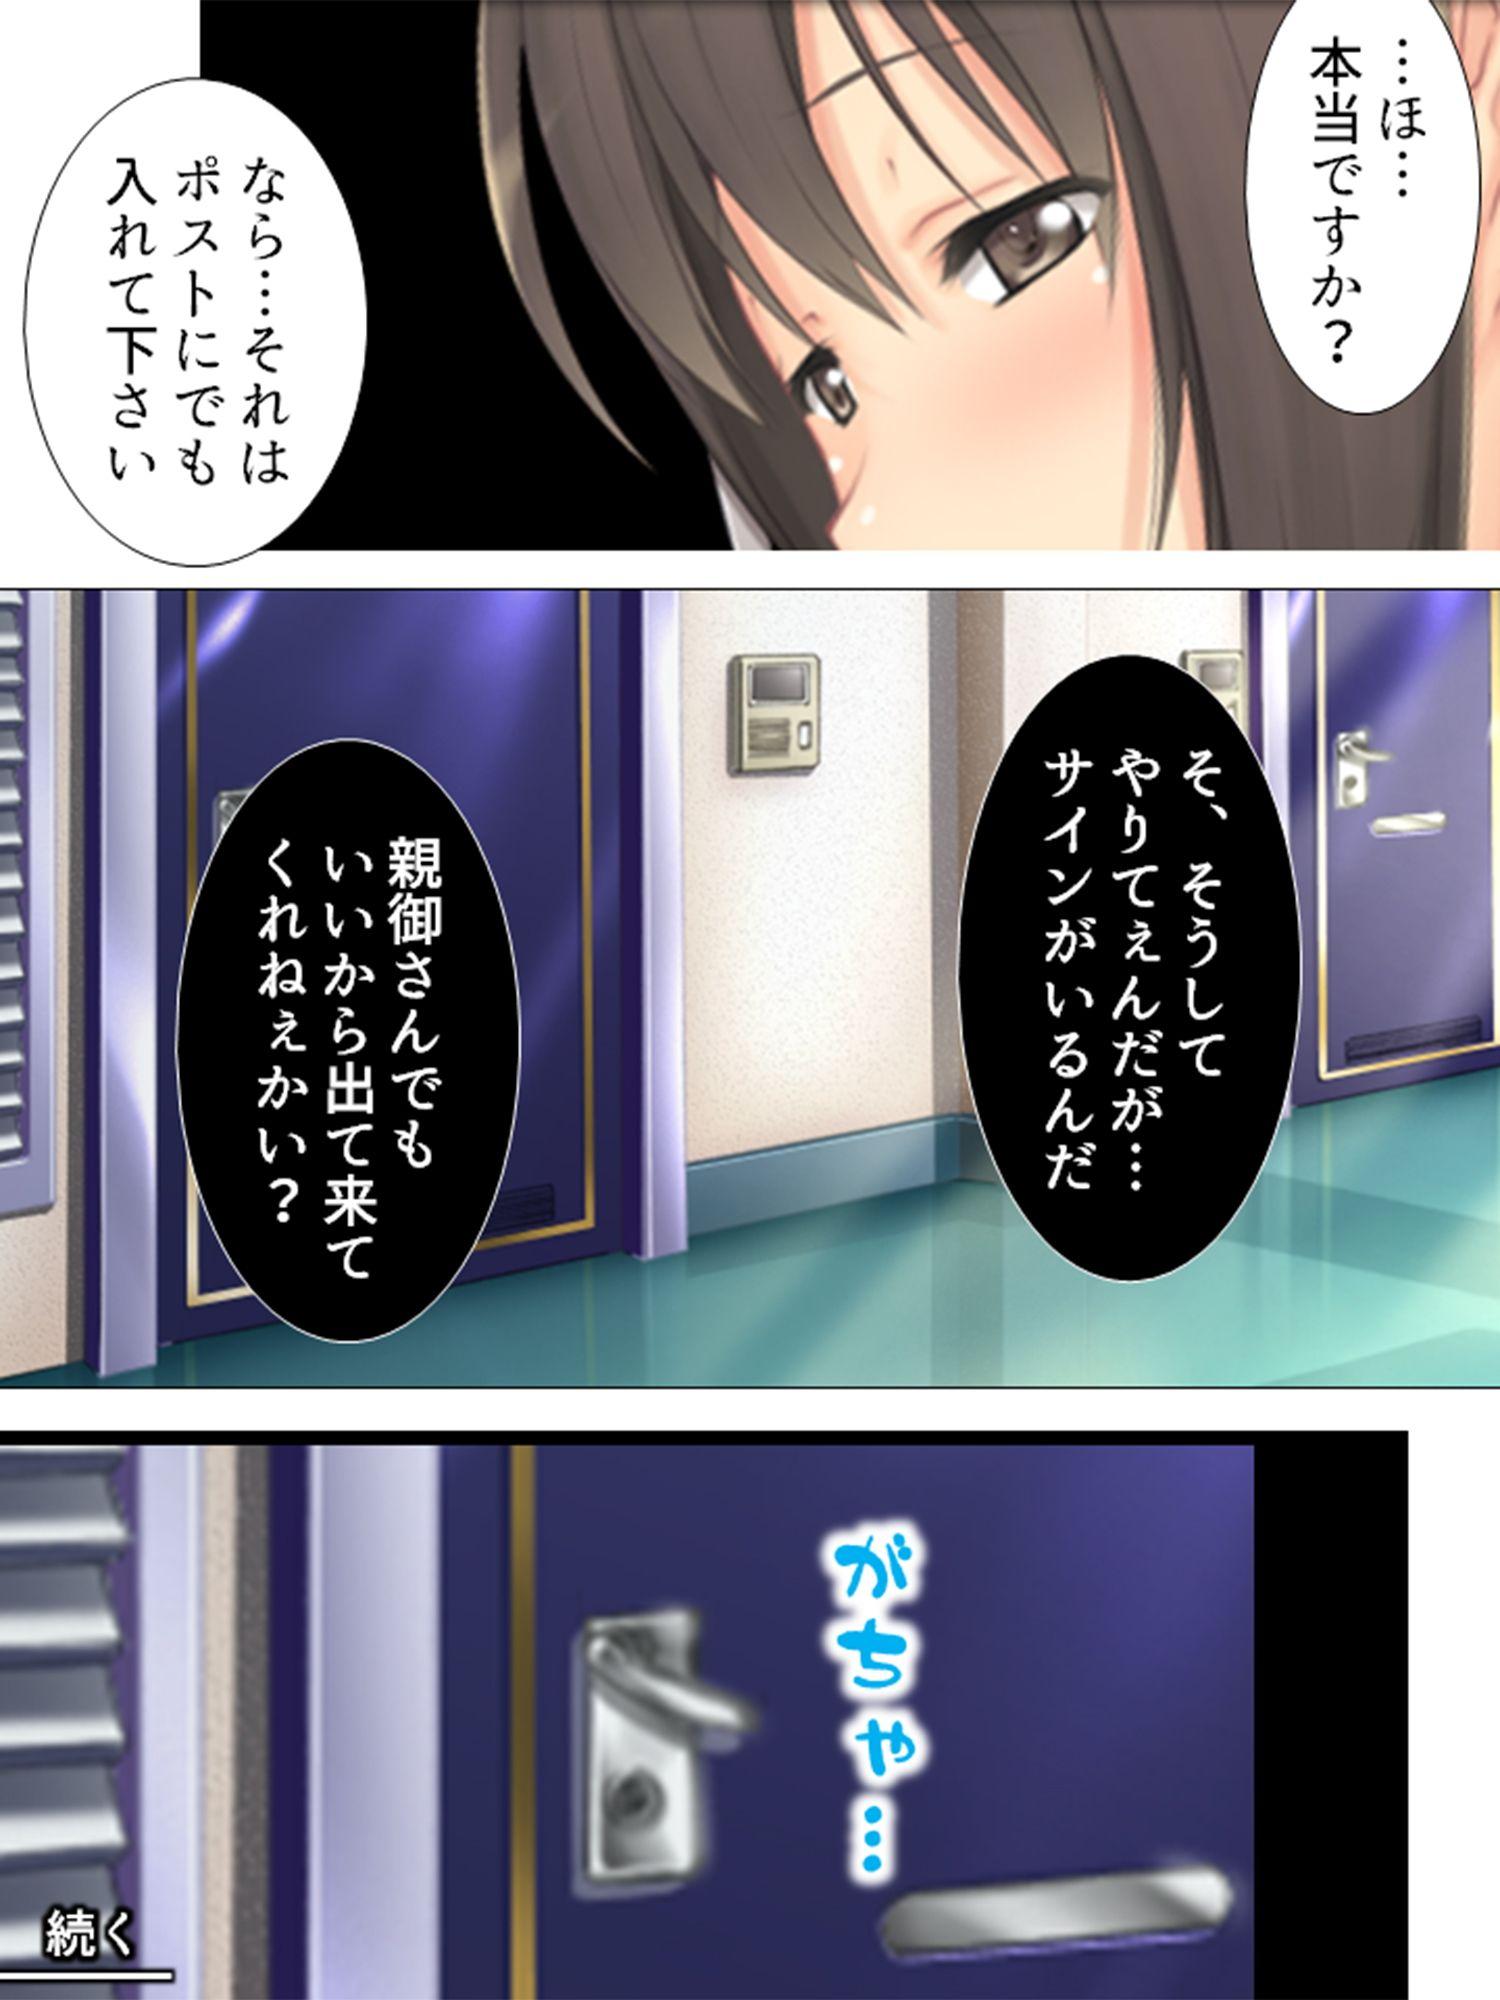 AVアニメなう [今すぐ読める同人サンプル] 「誰かが家に帰るまで、少女の悲鳴は止まらない… ...